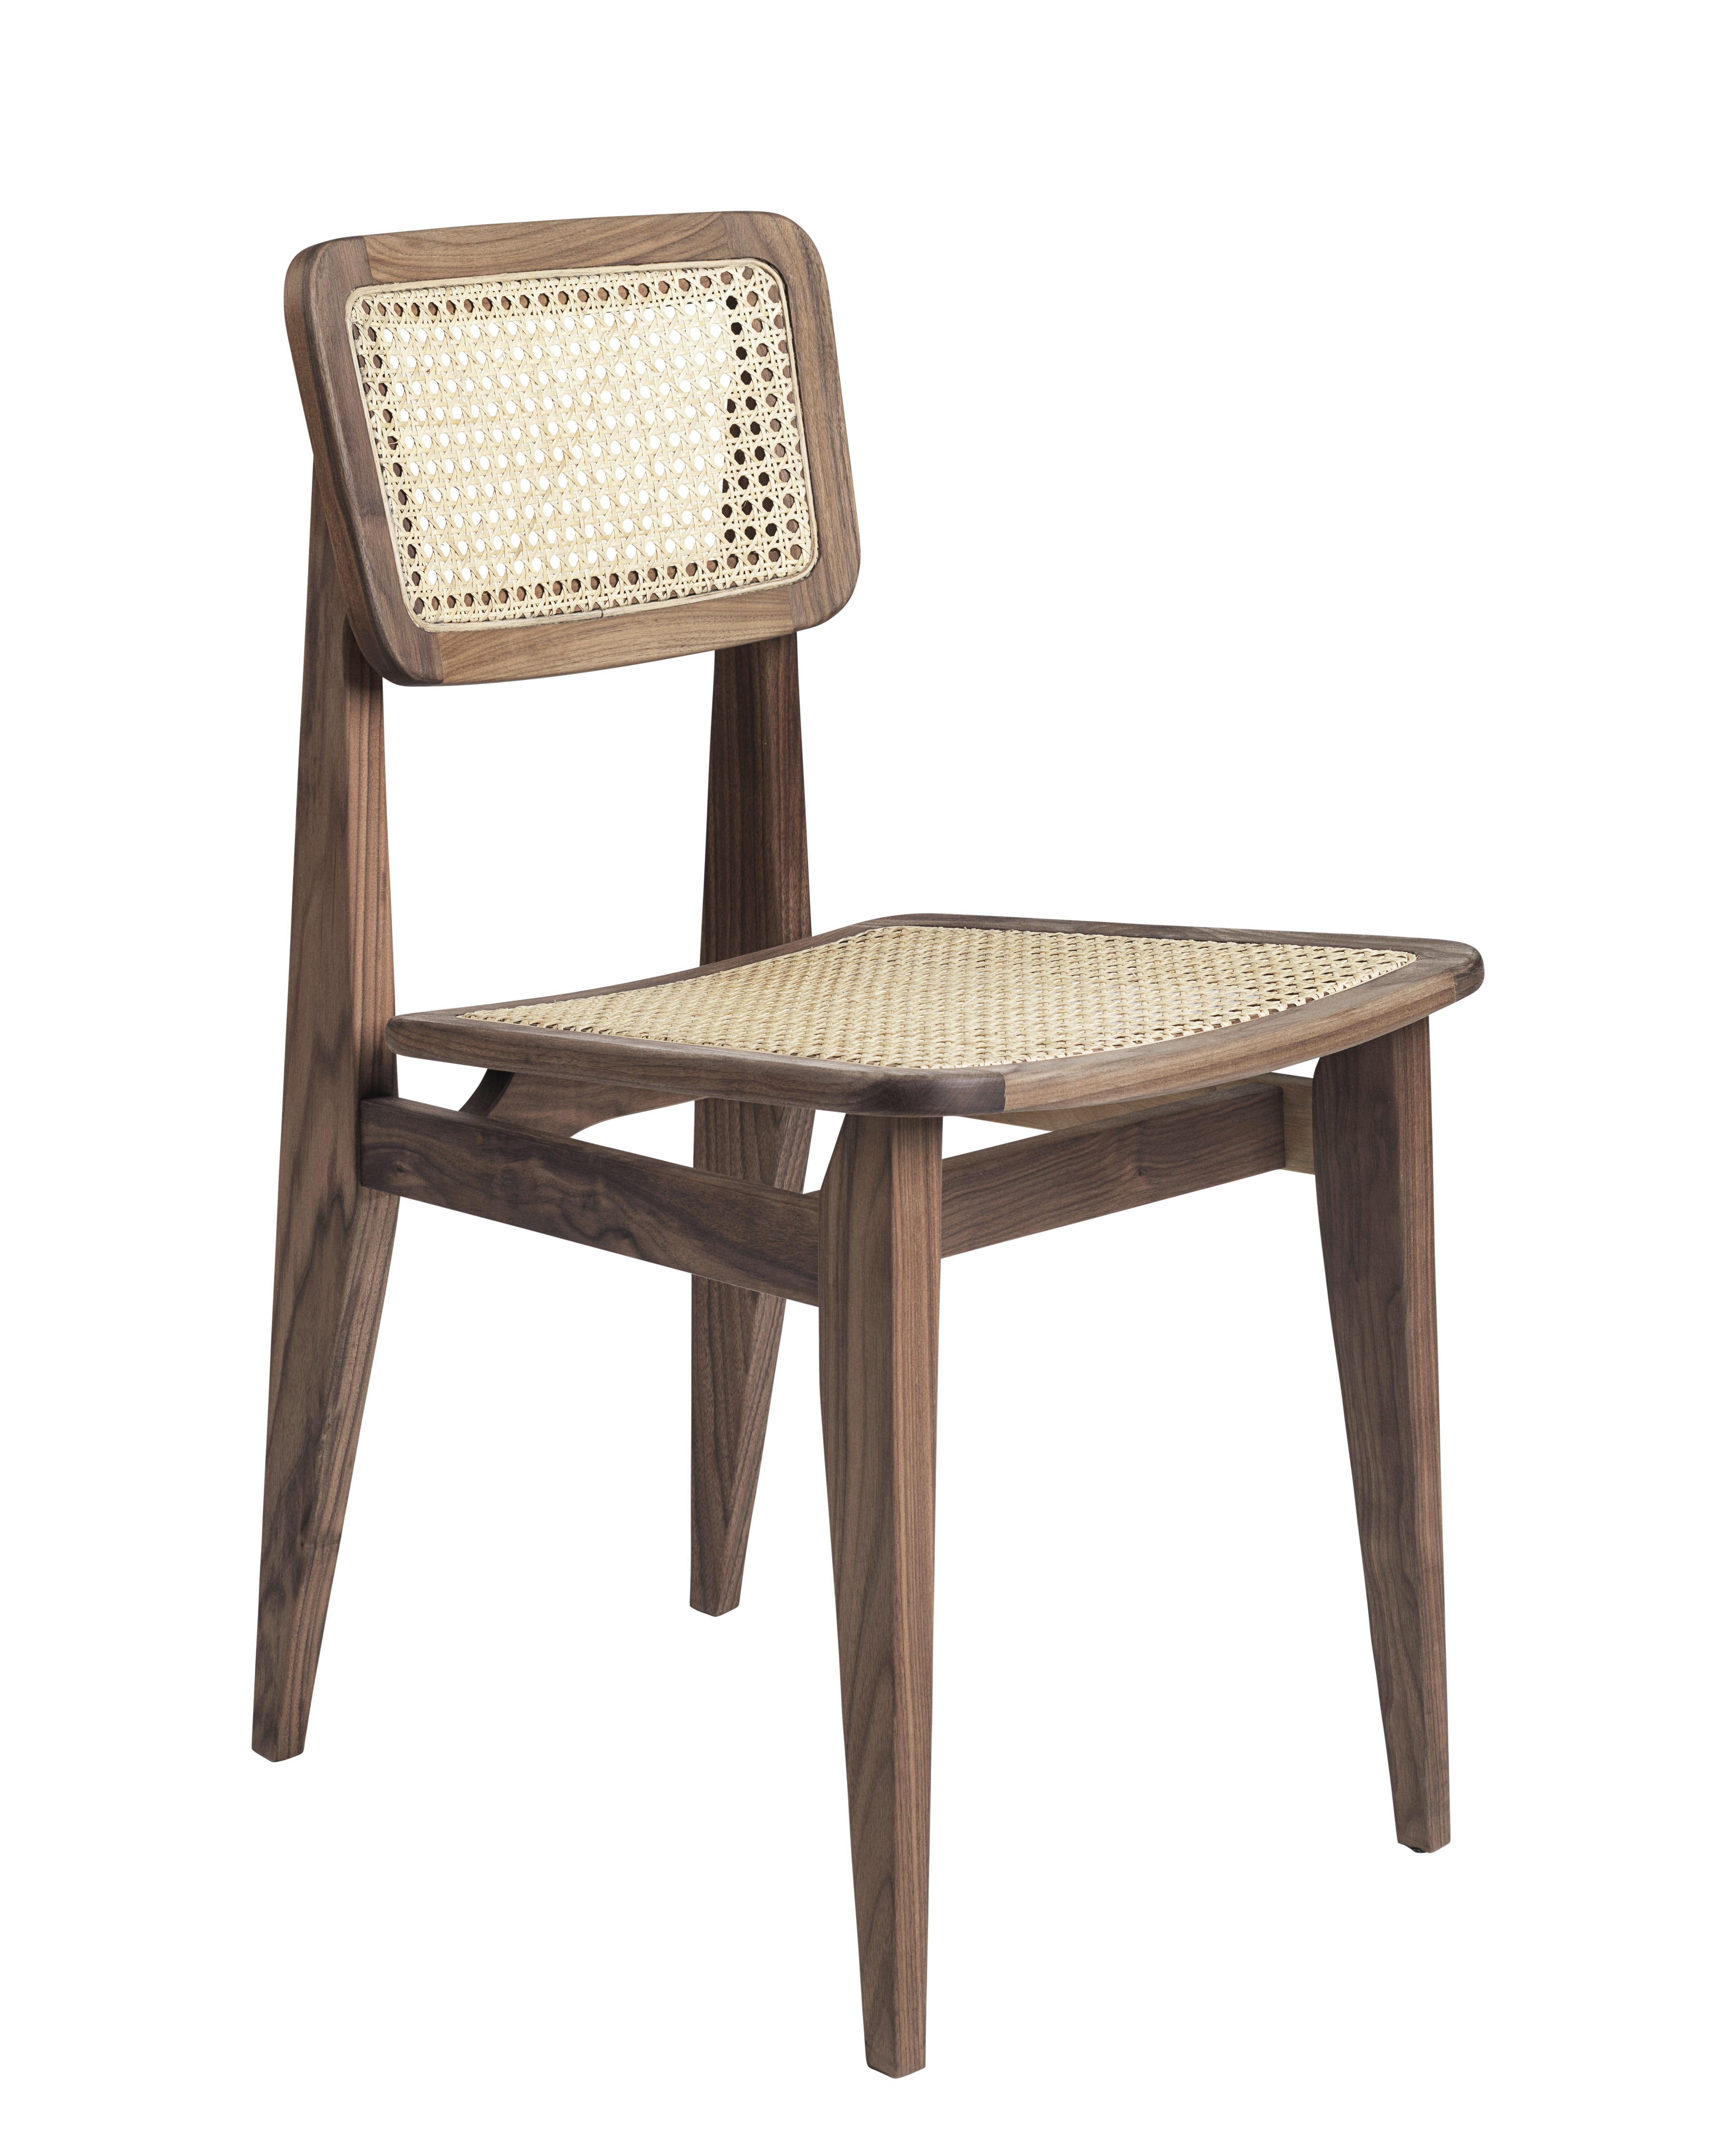 Chaise C Chair Gubi